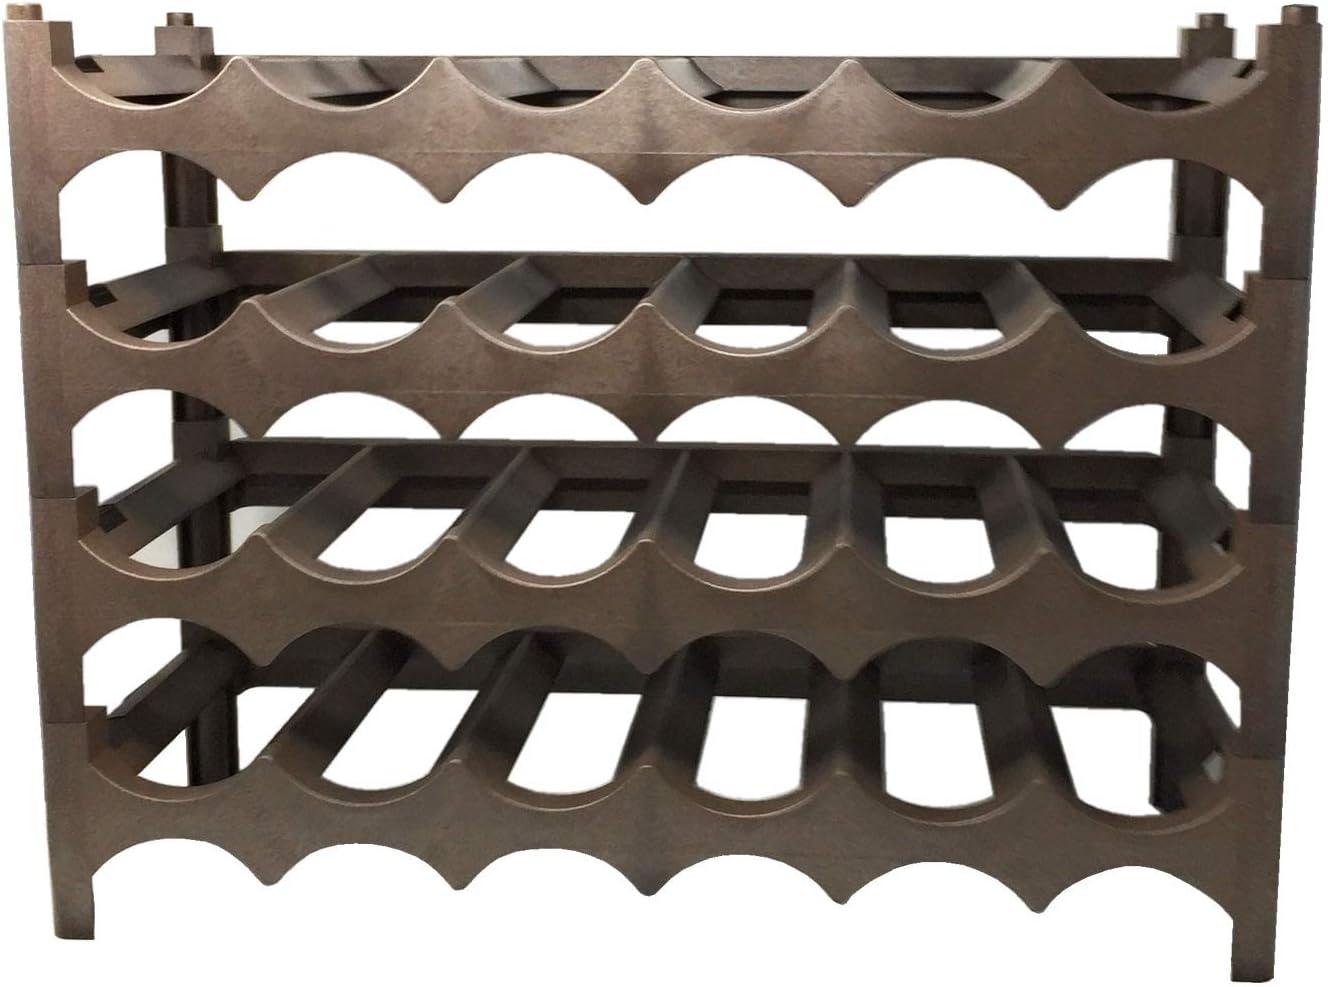 Fameplast Botellero de plástico apilable de 4 Capas 46 x 60 x 23 cm